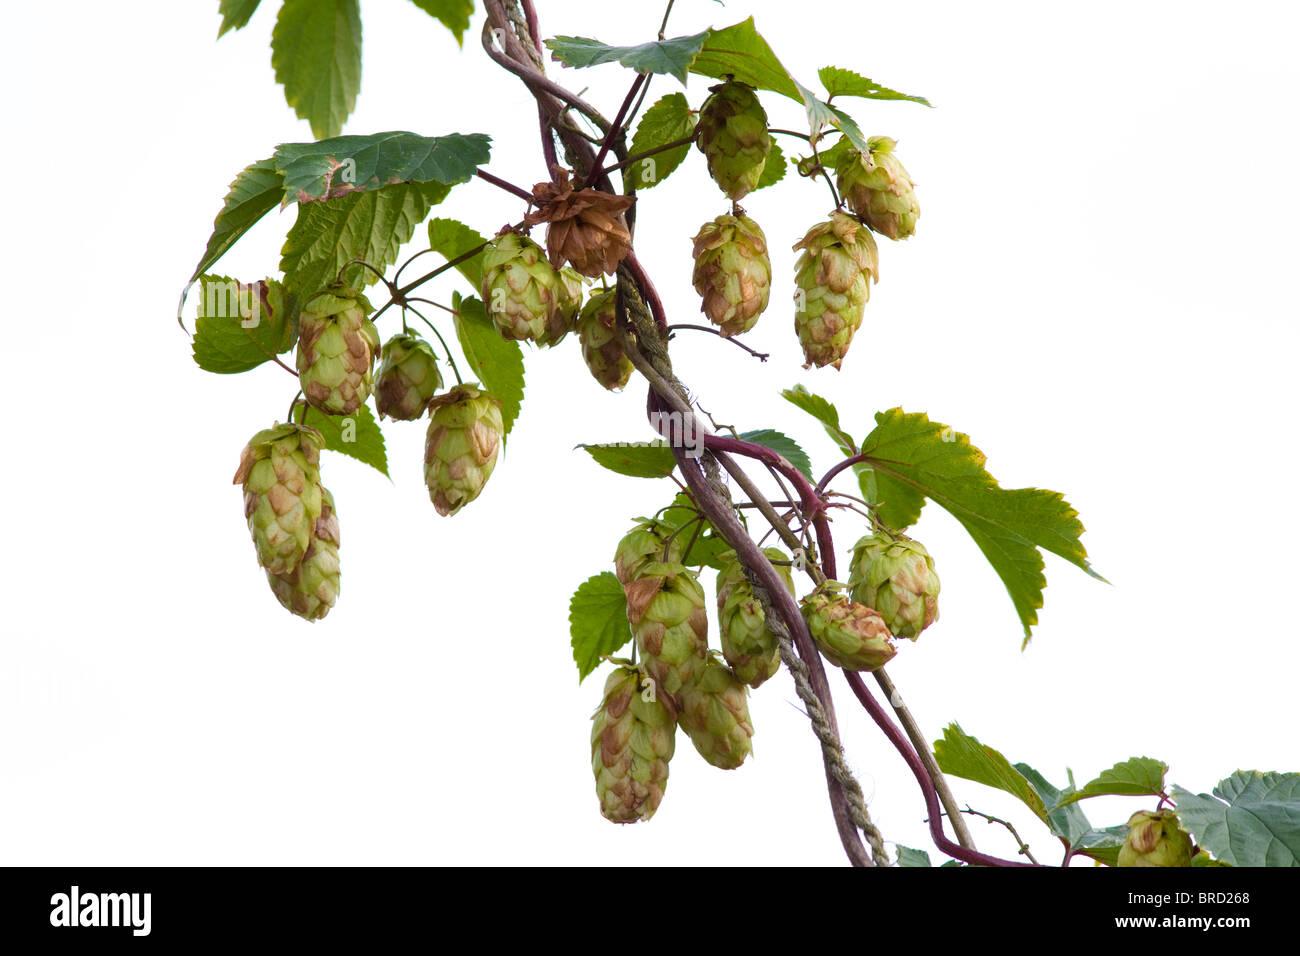 Hops Humulus lupulus, Kent, UK - Stock Image